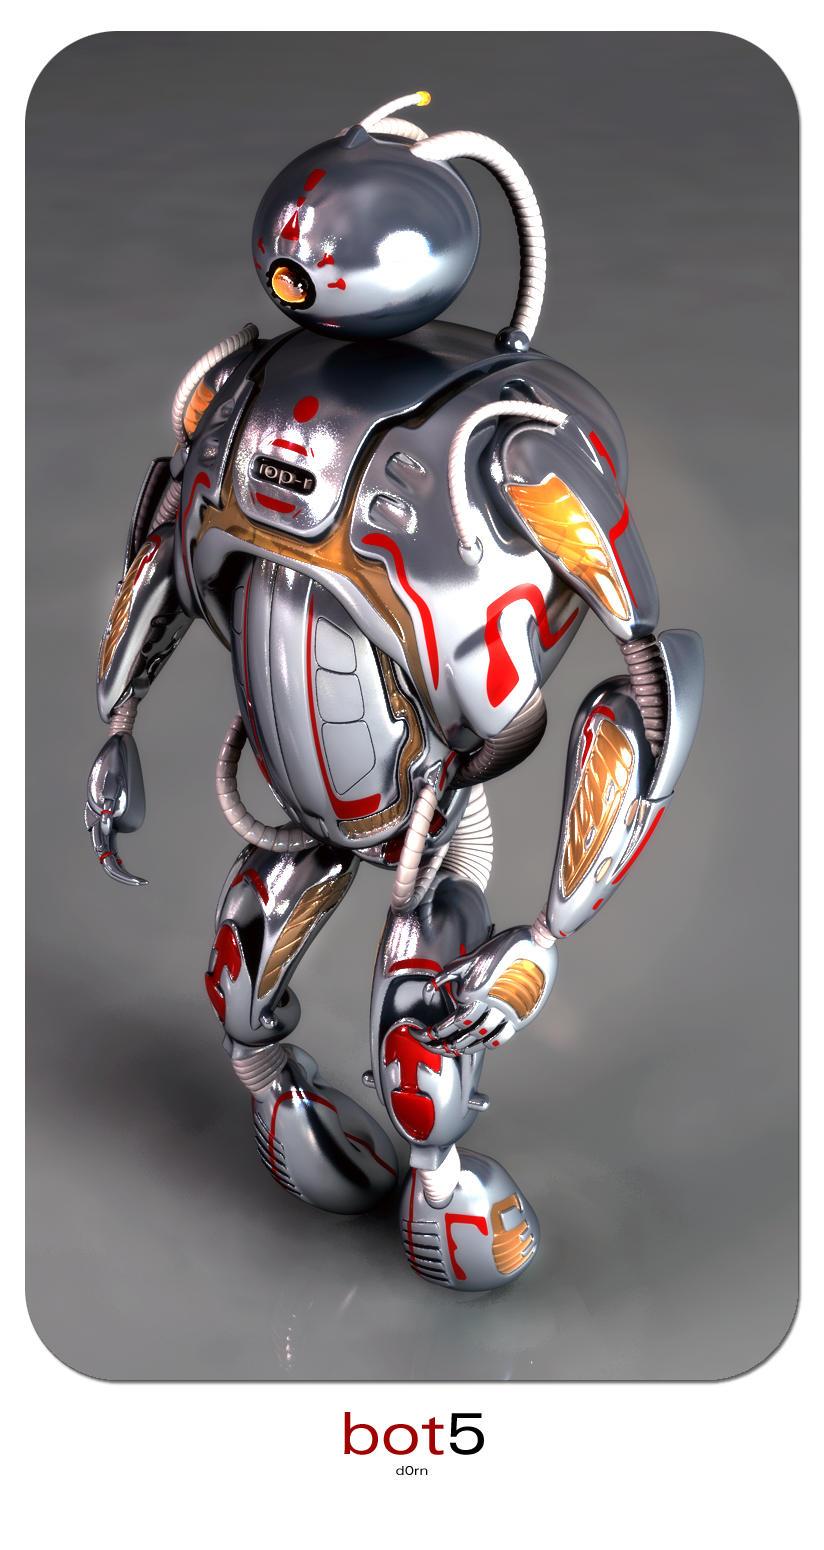 bot5 by d0rn